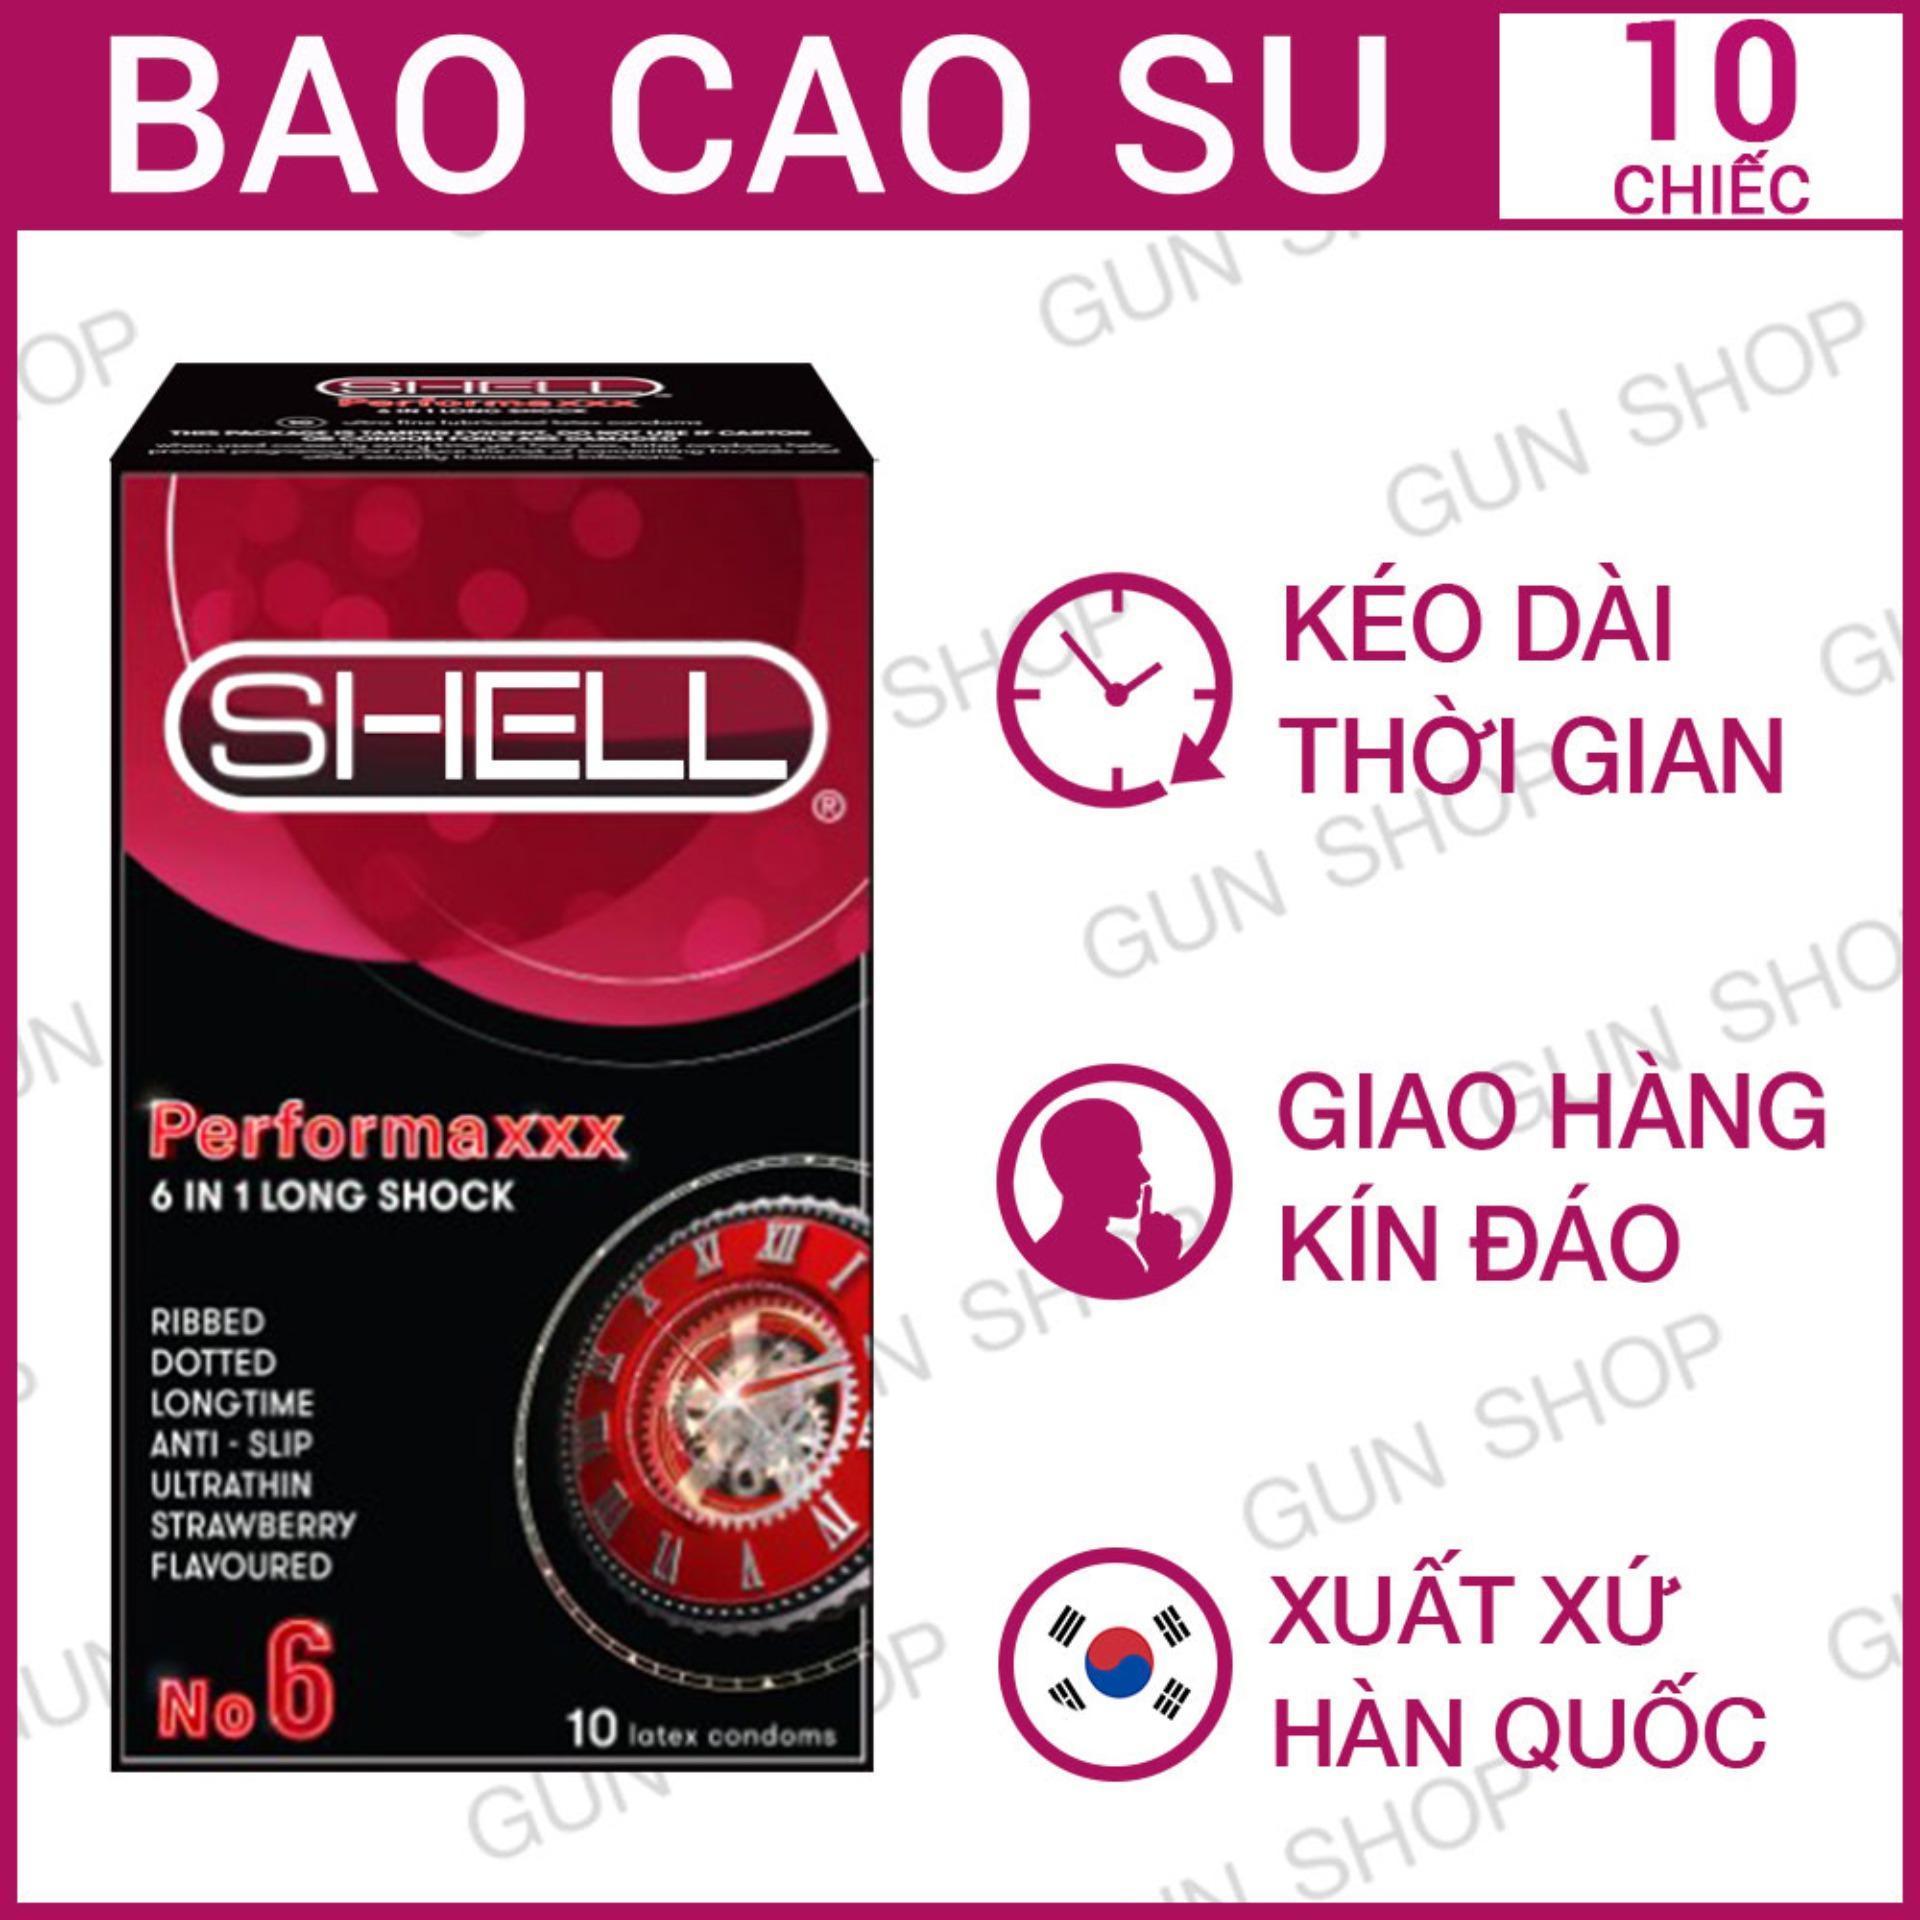 Hộp [10 Chiếc] Bao Cao Su cao cấp Hàn Quốc Shell Premium 6 In 1 - Kéo dài thời gian - GunshopBCS